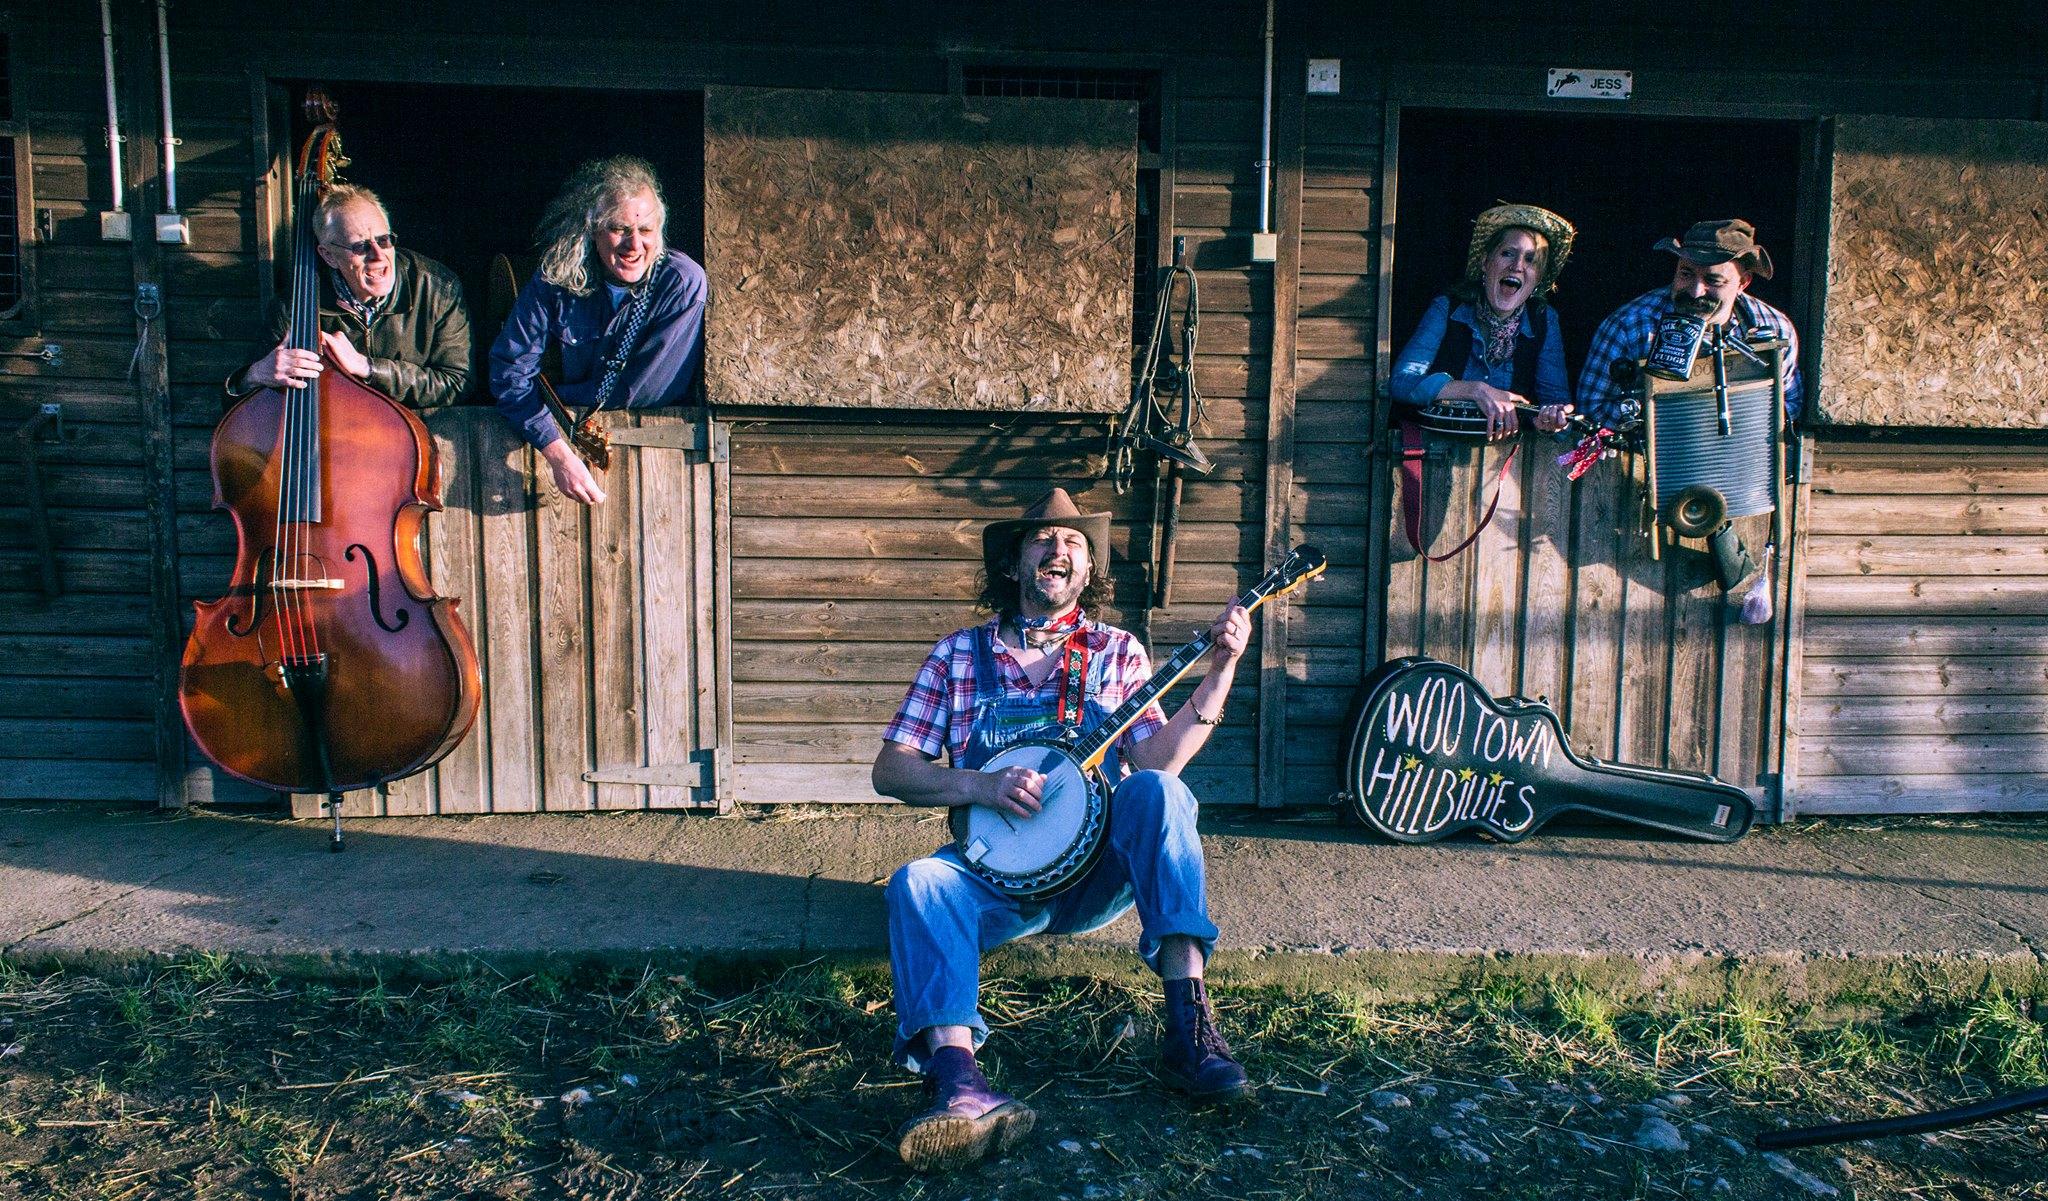 wootown-hillbillies